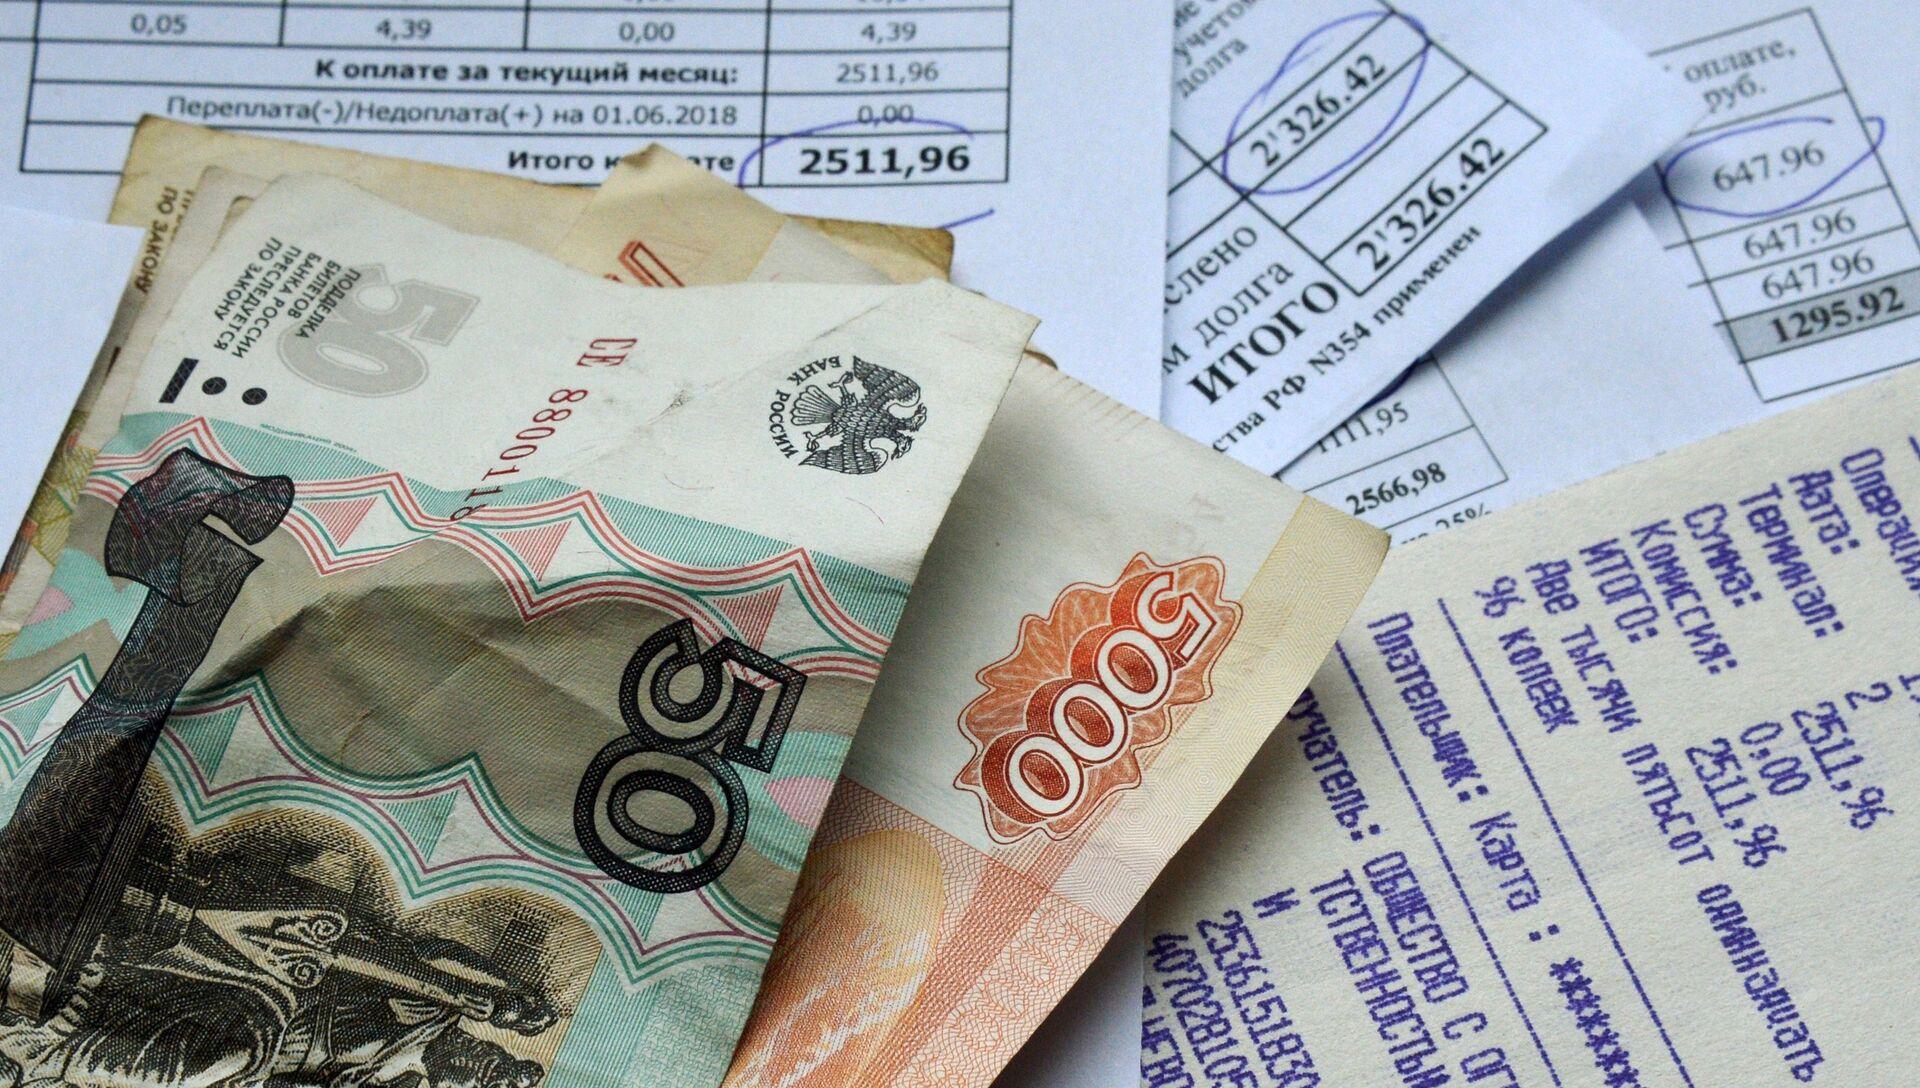 Денежные купюры и квитанции за оплату коммунальных услуг - РИА Новости, 1920, 22.06.2021